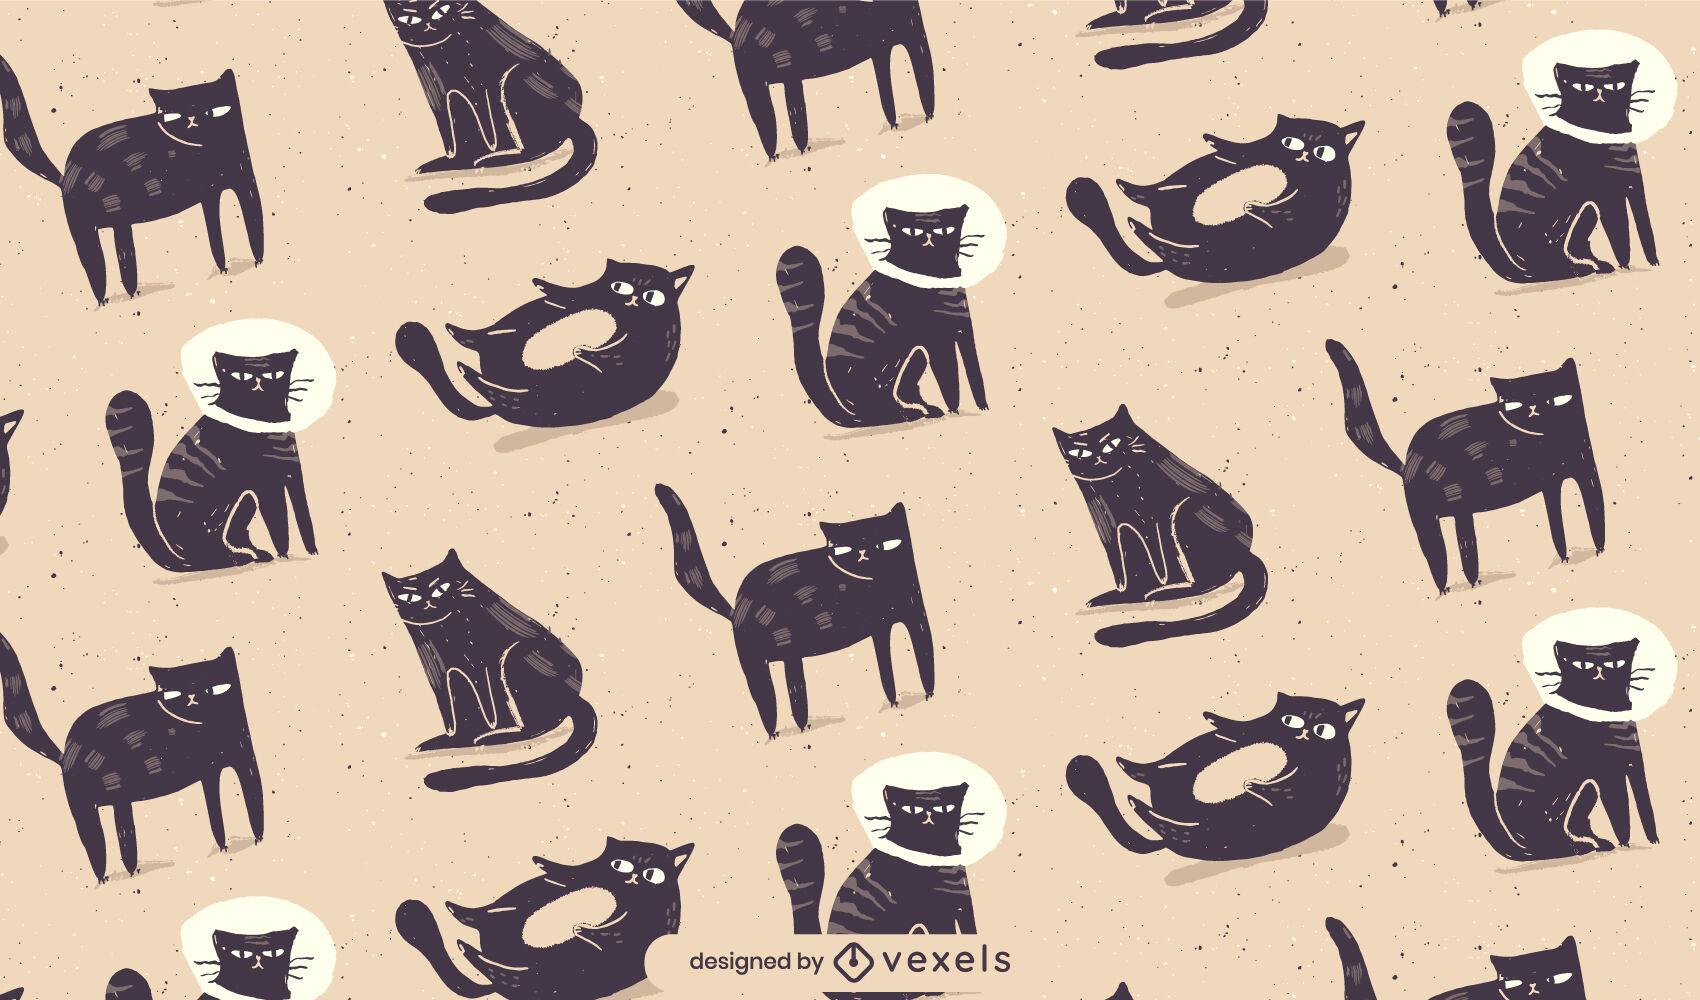 Patrón de ilustración de gatos negros